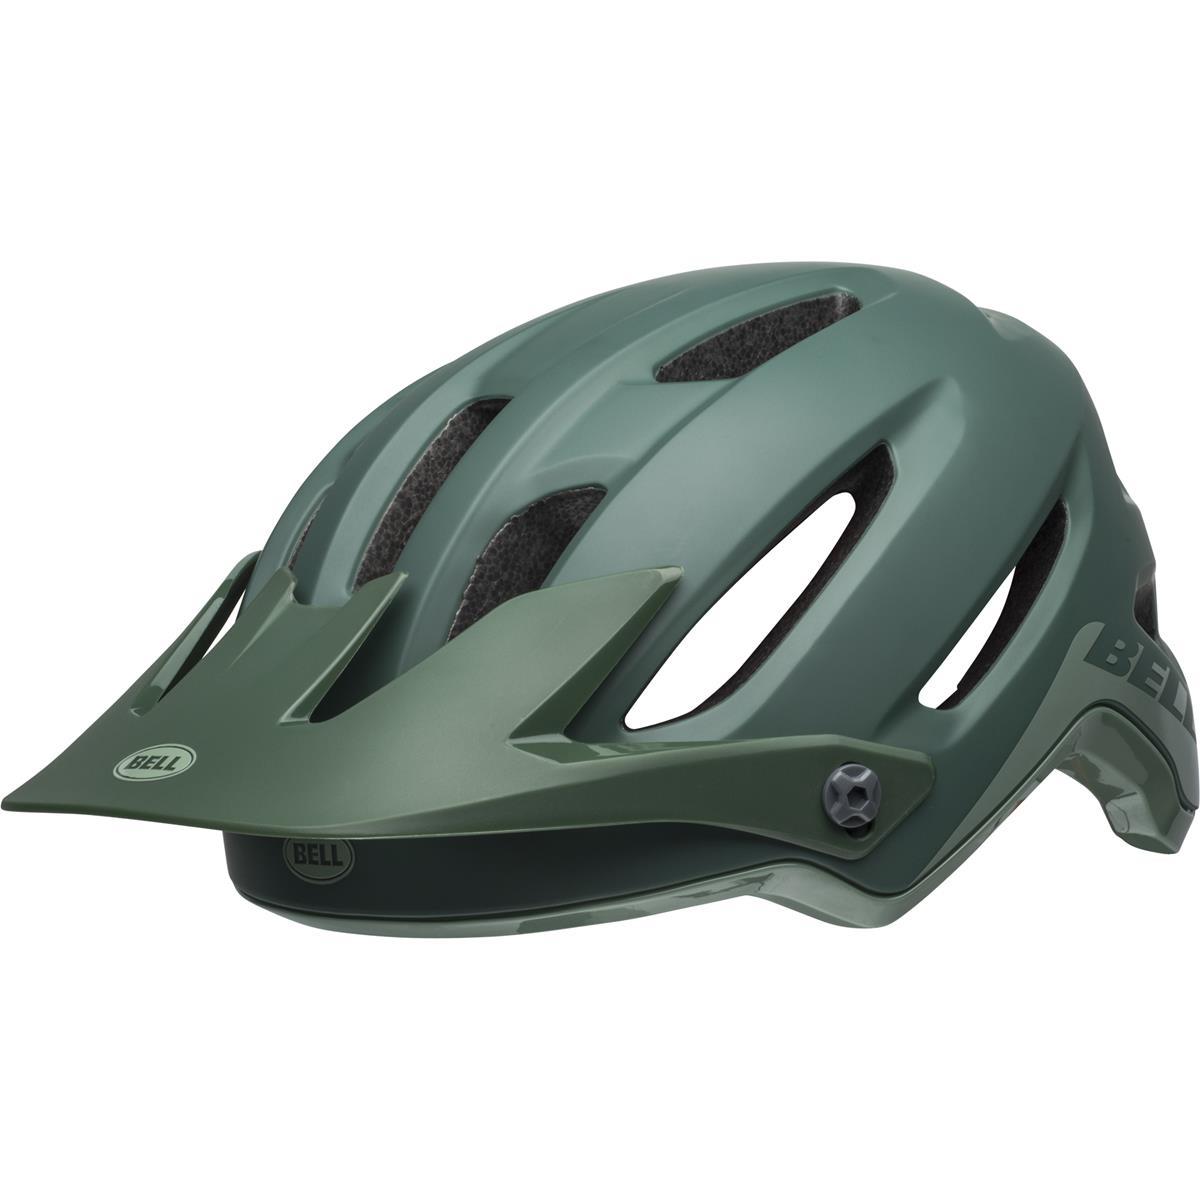 Bell Enduro-MTB Helm 4Forty Cliffhanger - Matt/Gloss Dunkelgrün/Hellgrün